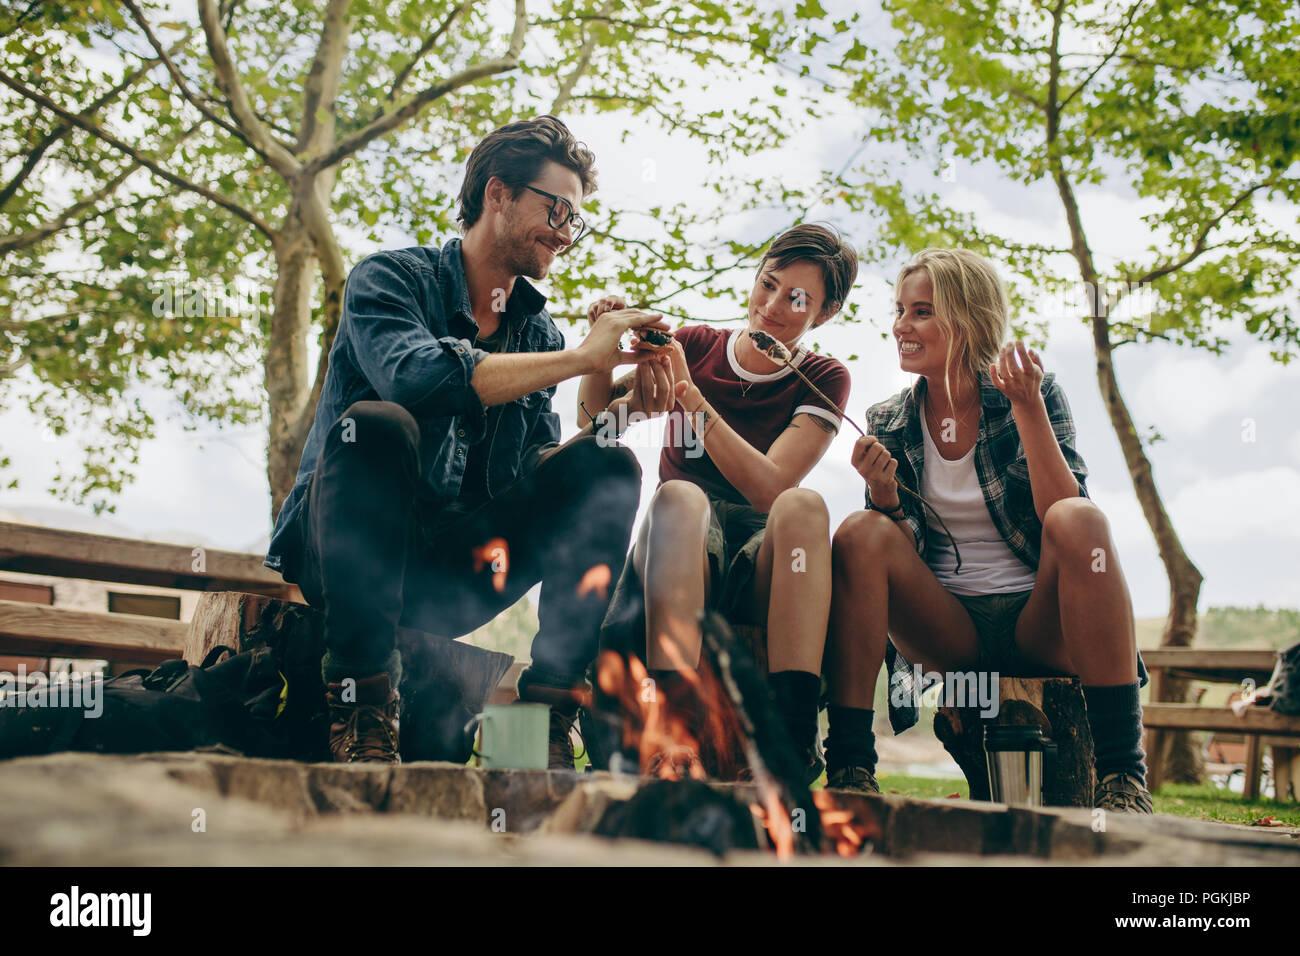 Smiling friends toasting en vacances sur l'alimentation de joie. Les amis de faire un sandwich avec des guimauves grillées assis à l'extérieur dans la campagne. Banque D'Images